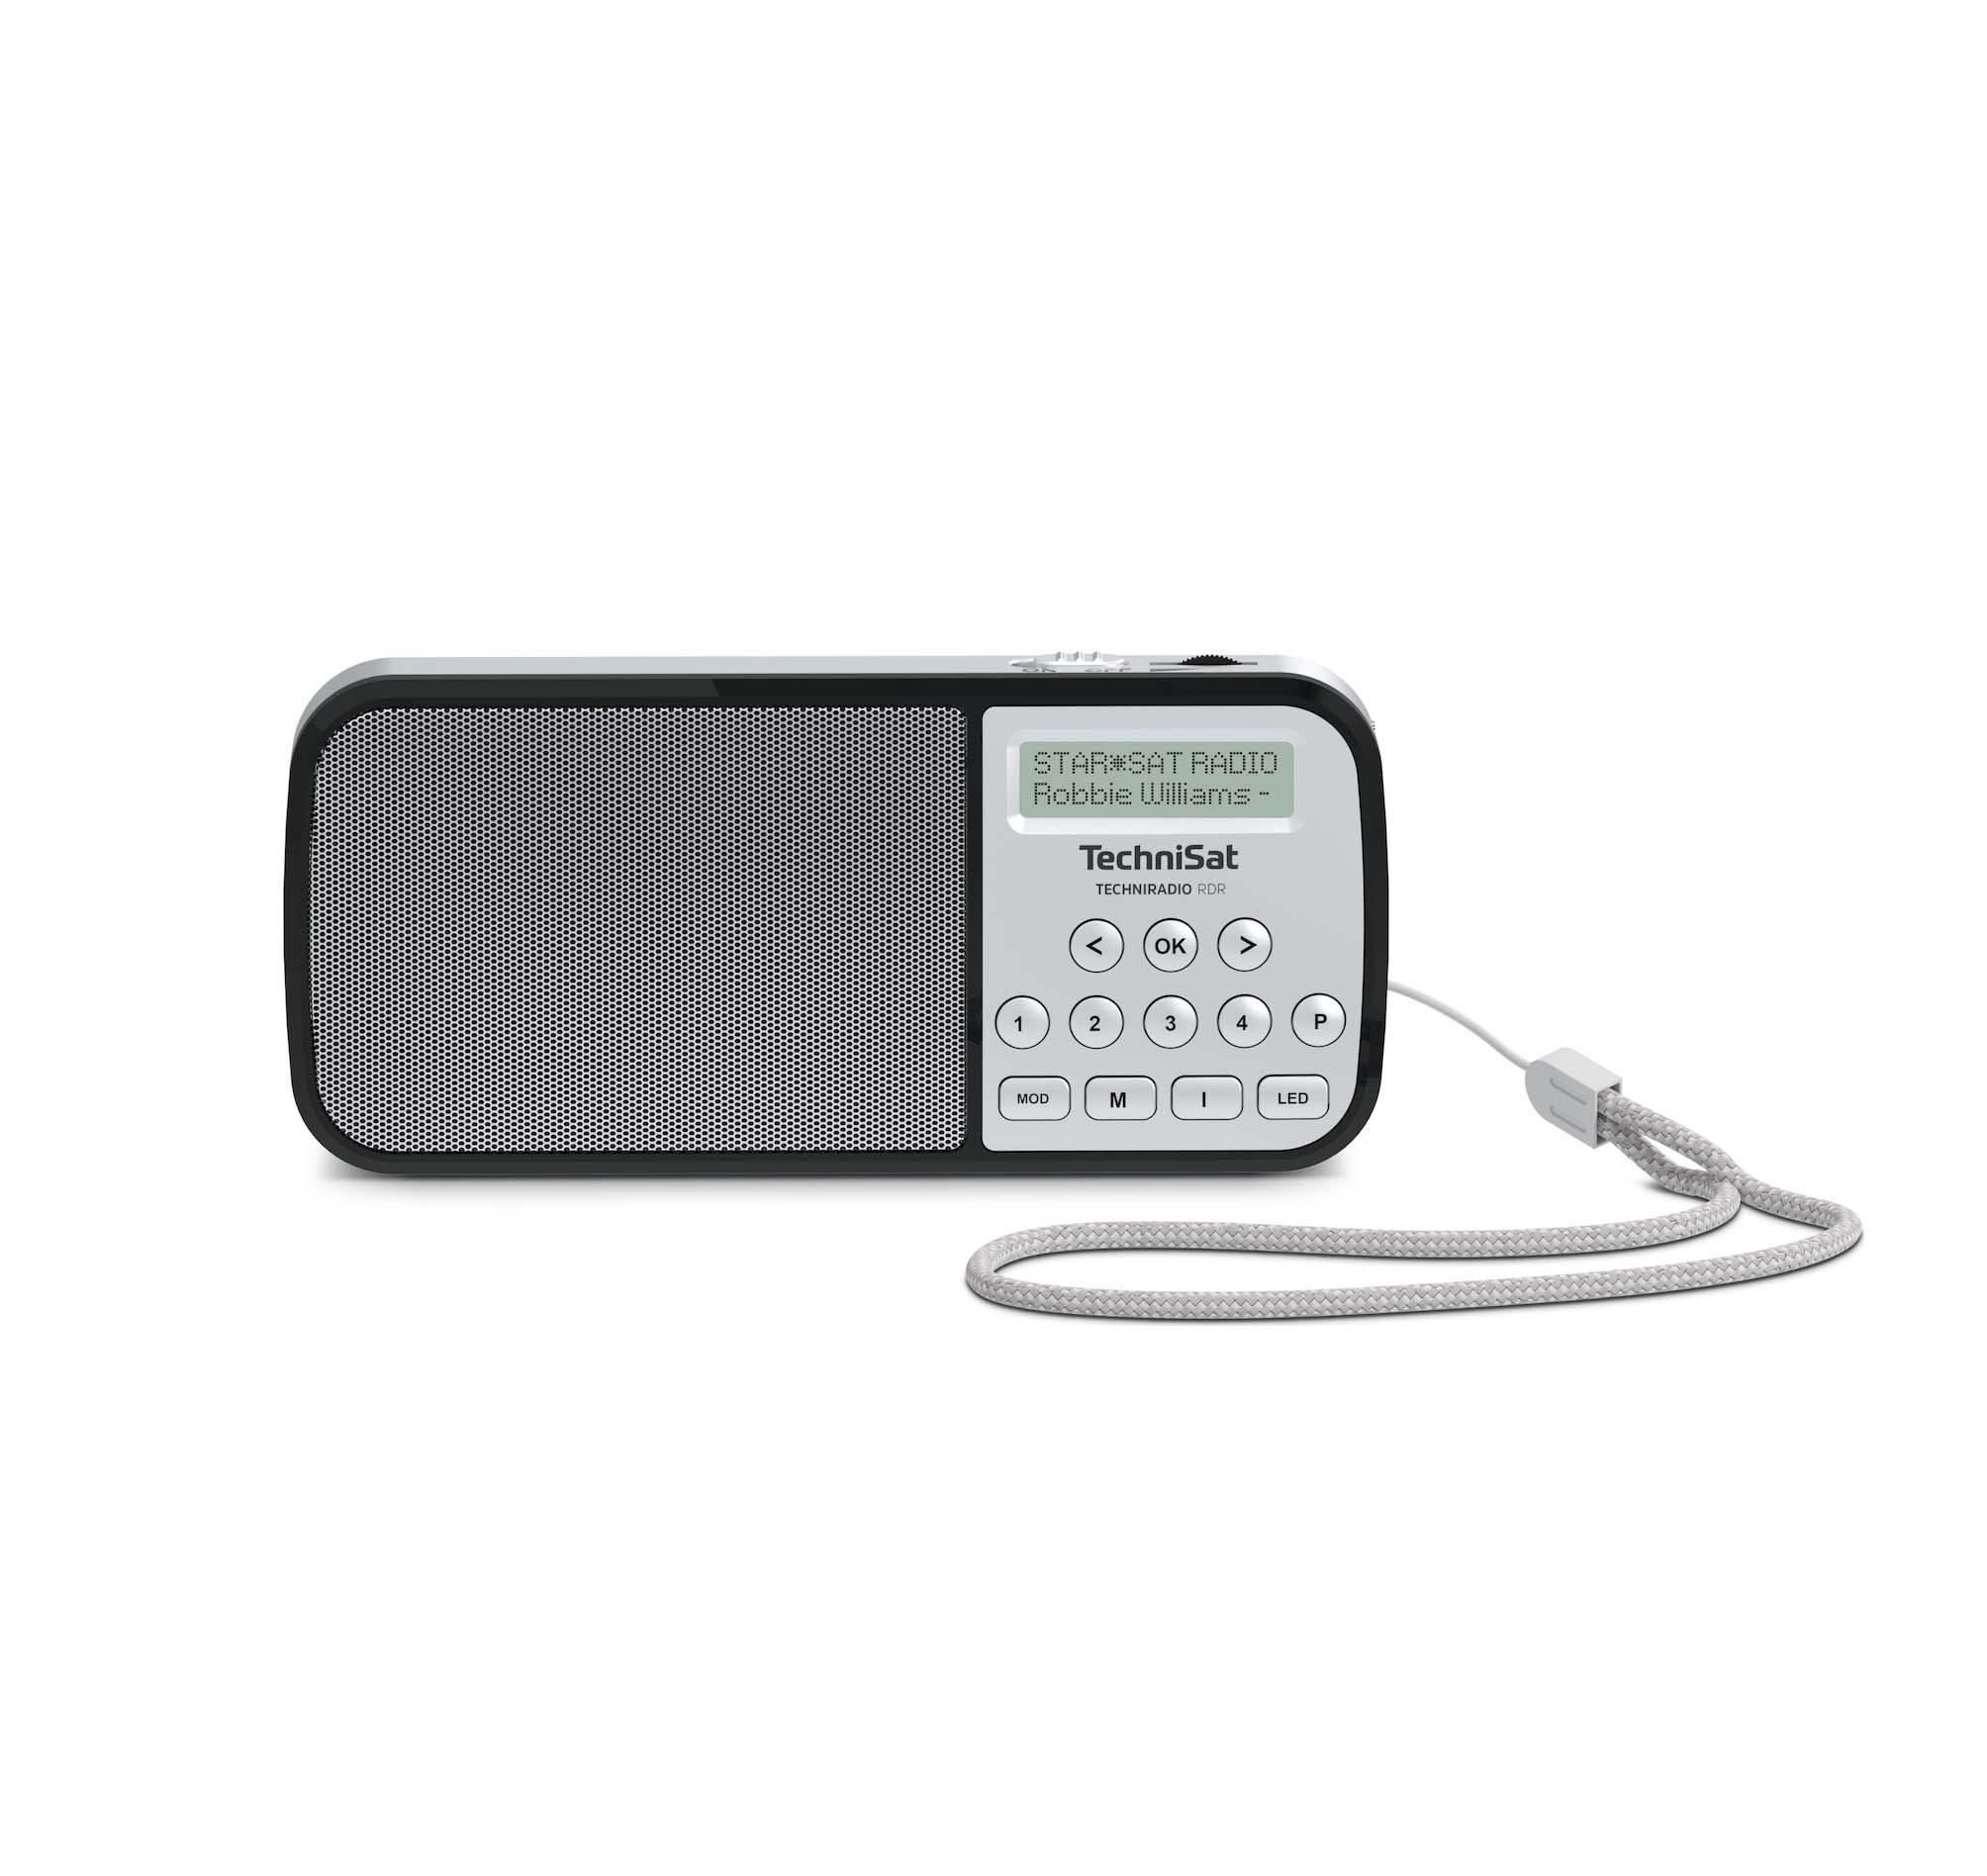 Technisat TechniRadio Silver Ραδιόφωνο 0002/3922